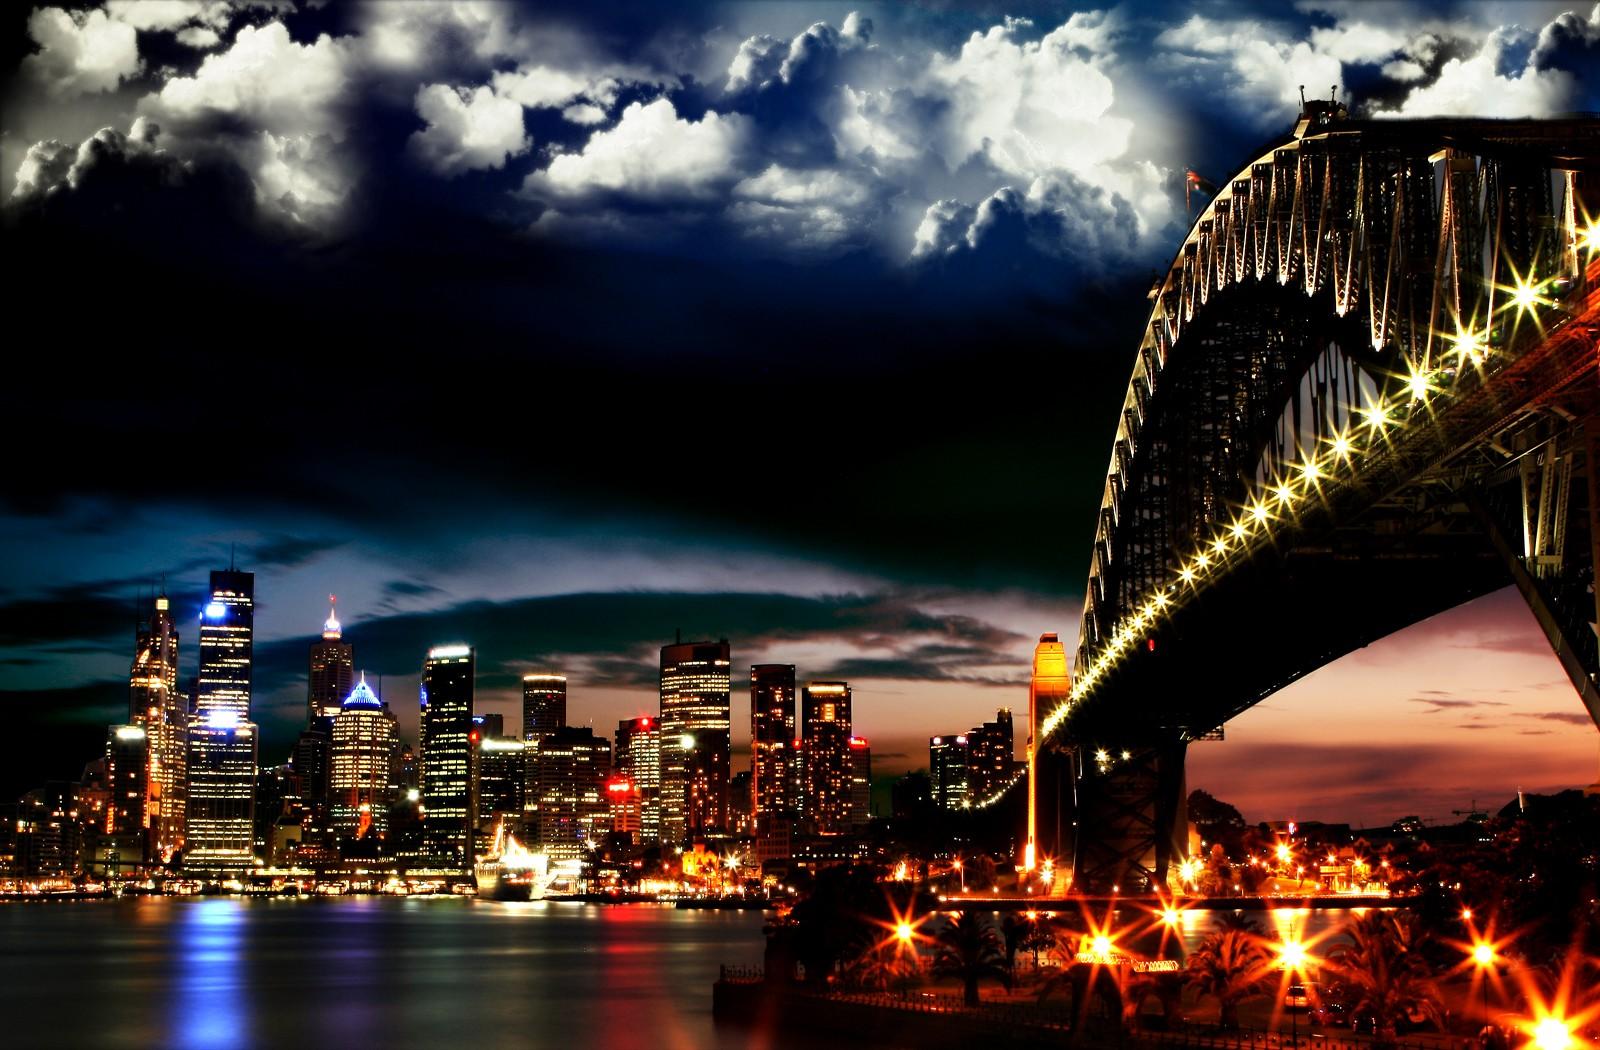 красивые фото на ватсап мосты вроде это